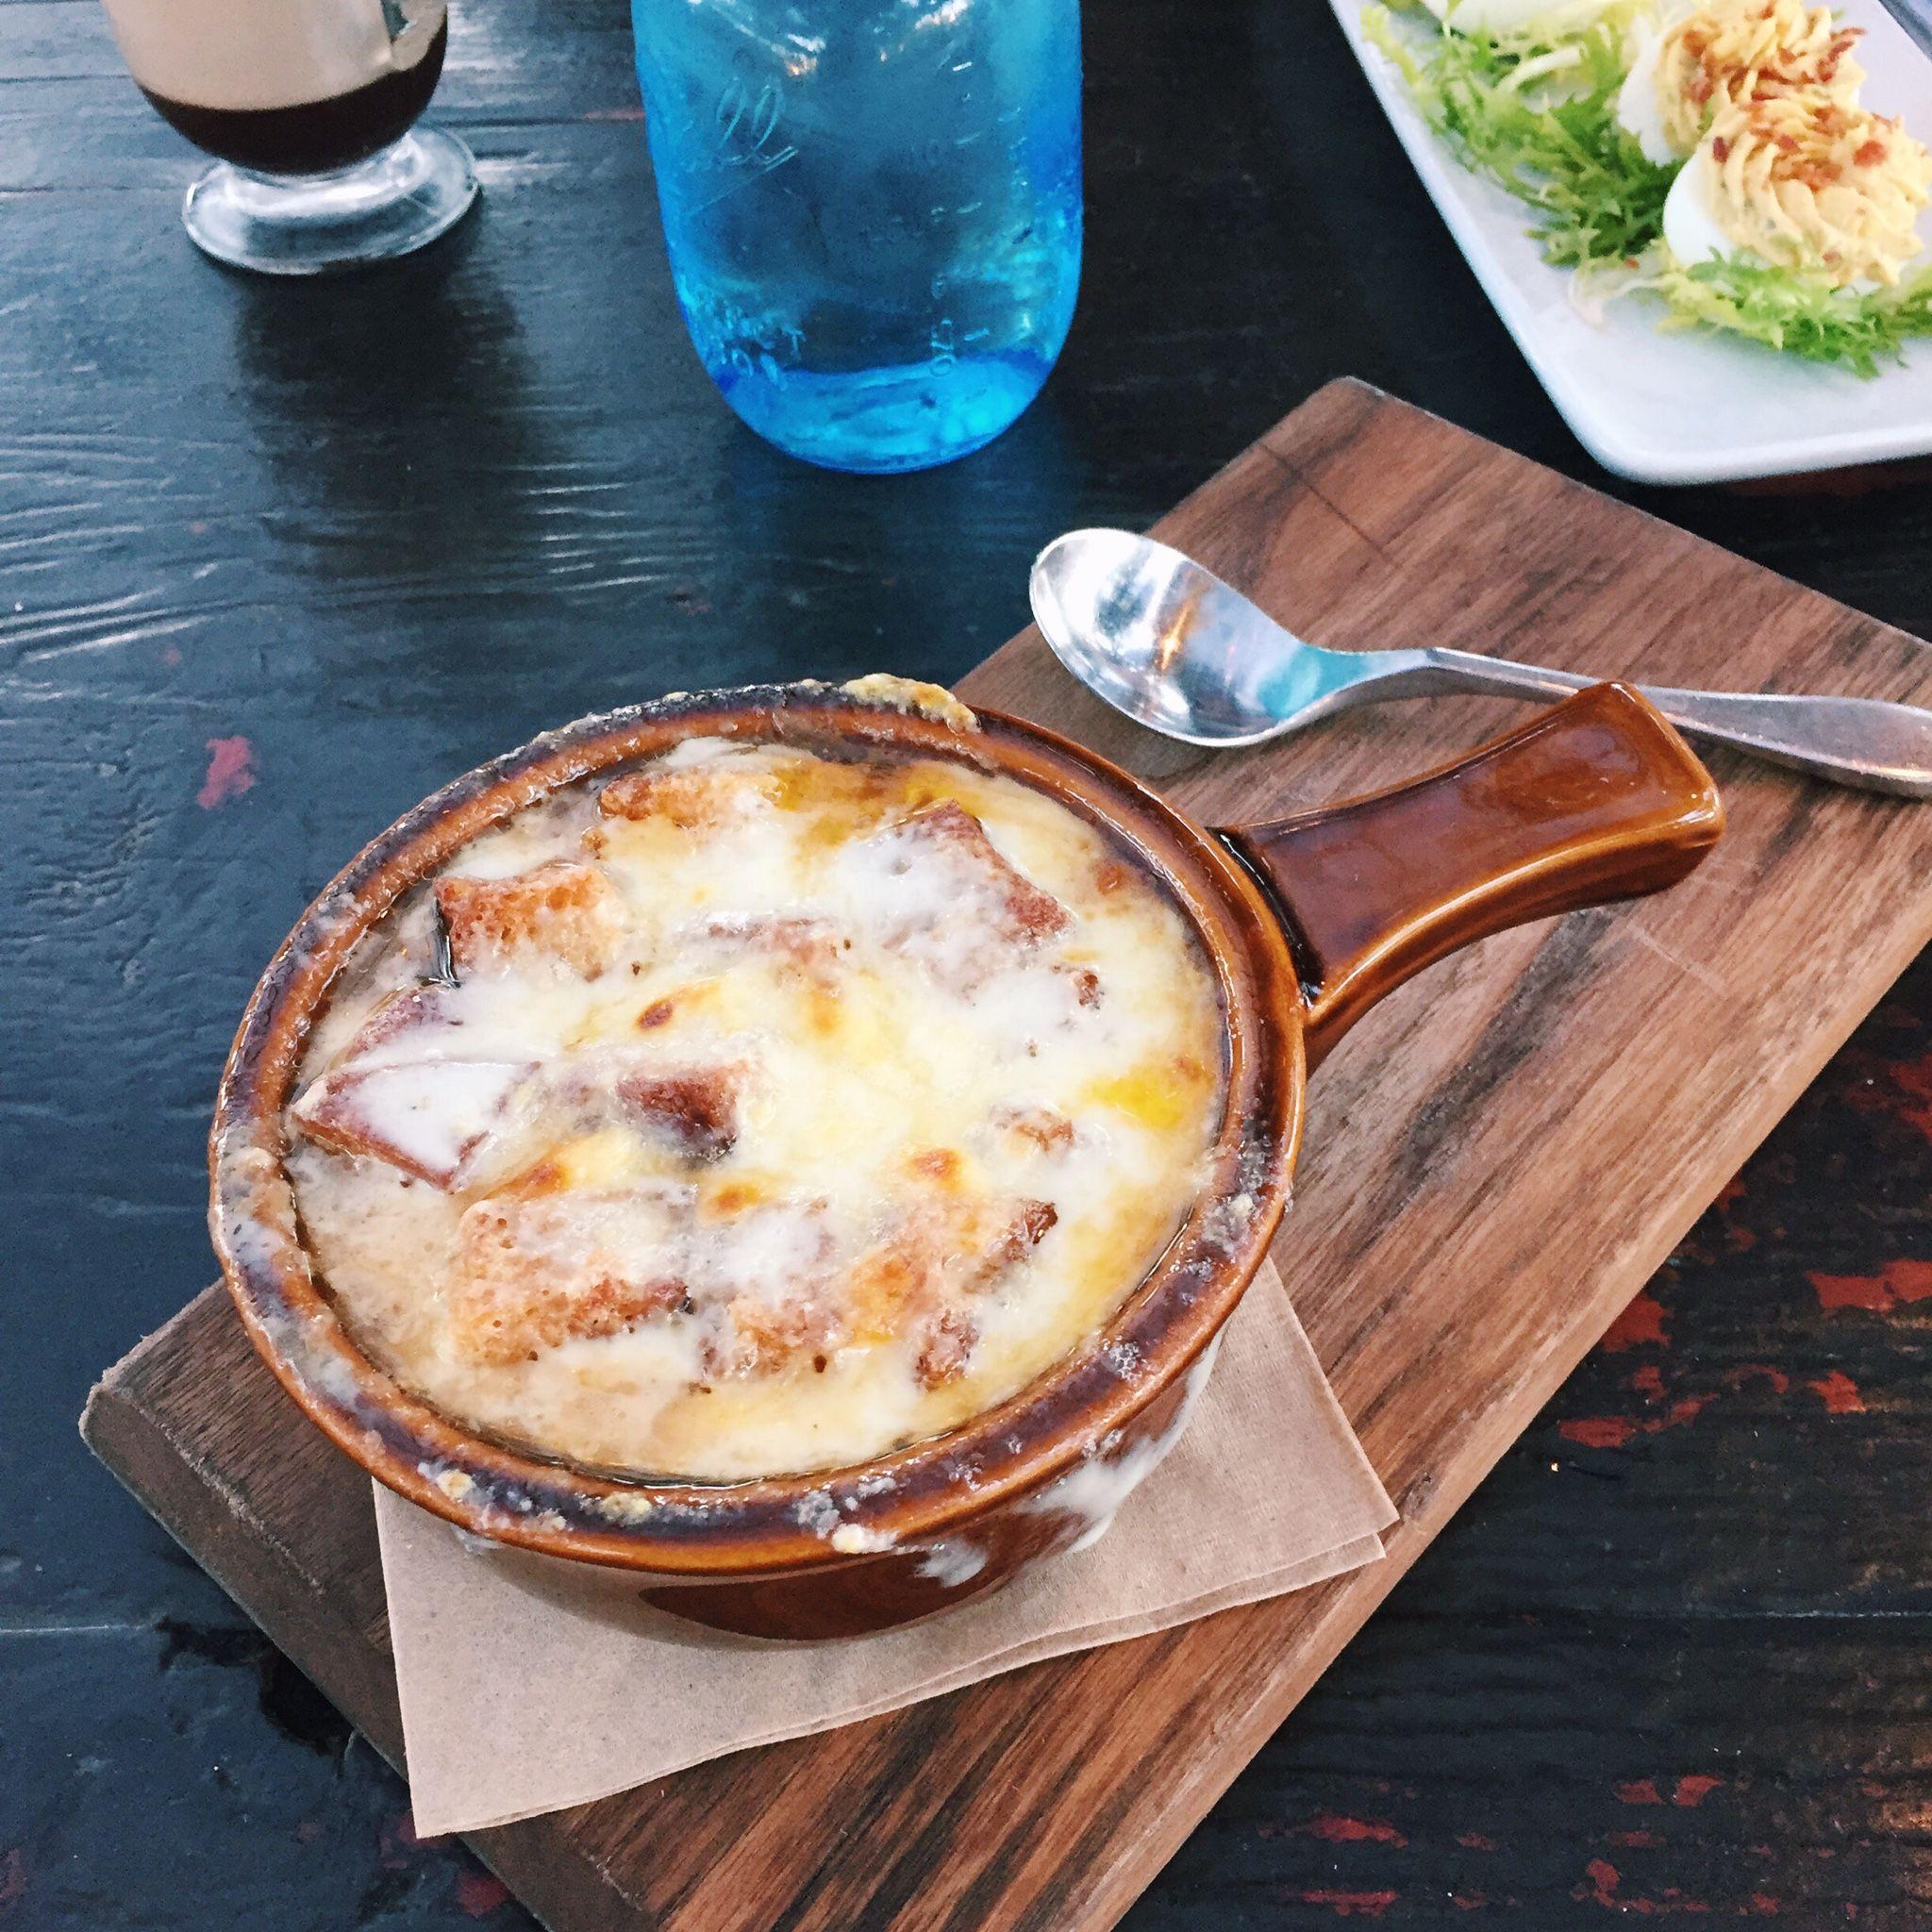 The French Onion Soup At Bo Beau Kitchen + Garden #SDRW